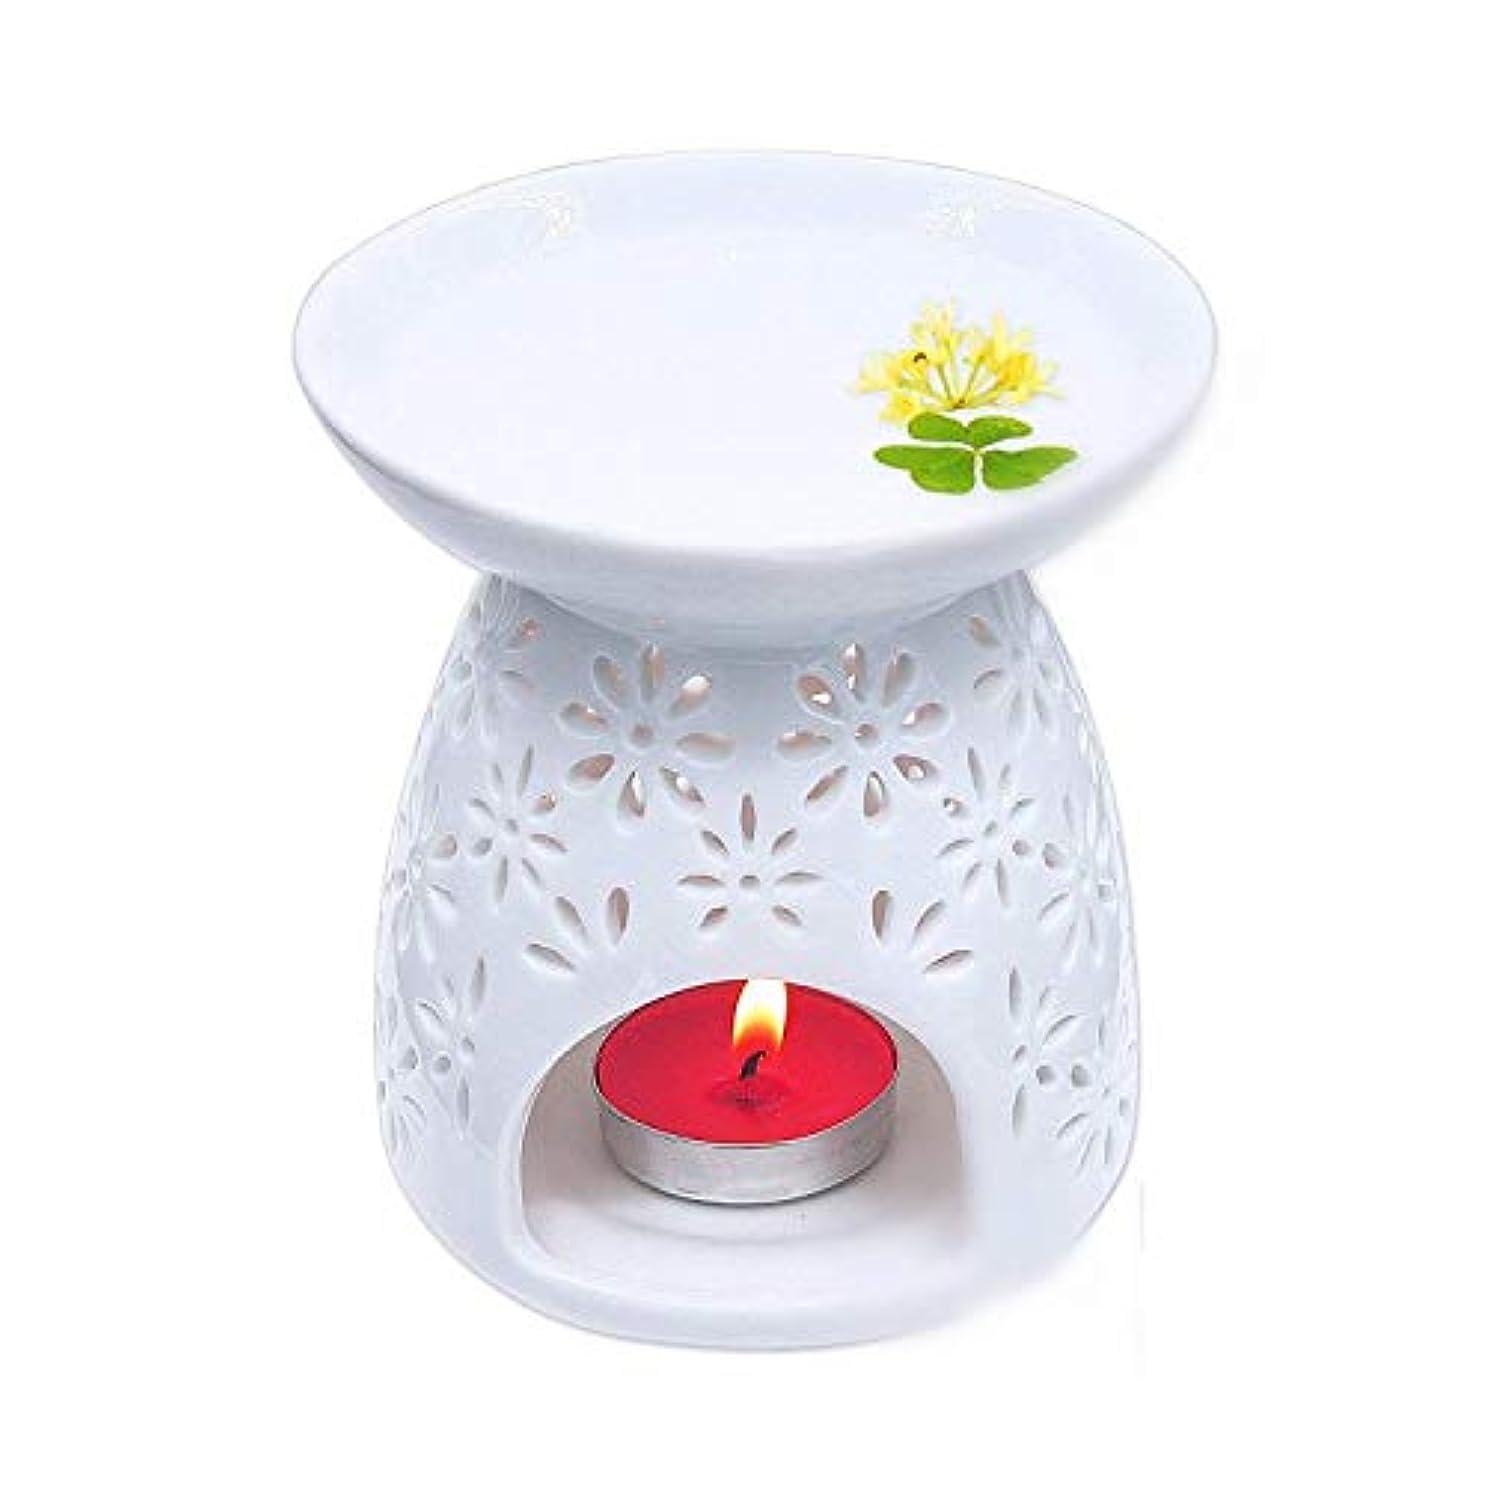 布逆に憲法Pursue 茶香炉 アロマ炉 香炉 陶器 精油 香炉置物 薫香 インテリア アロマディフューザー 中空の彫刻工 消臭と癒し おしゃれ